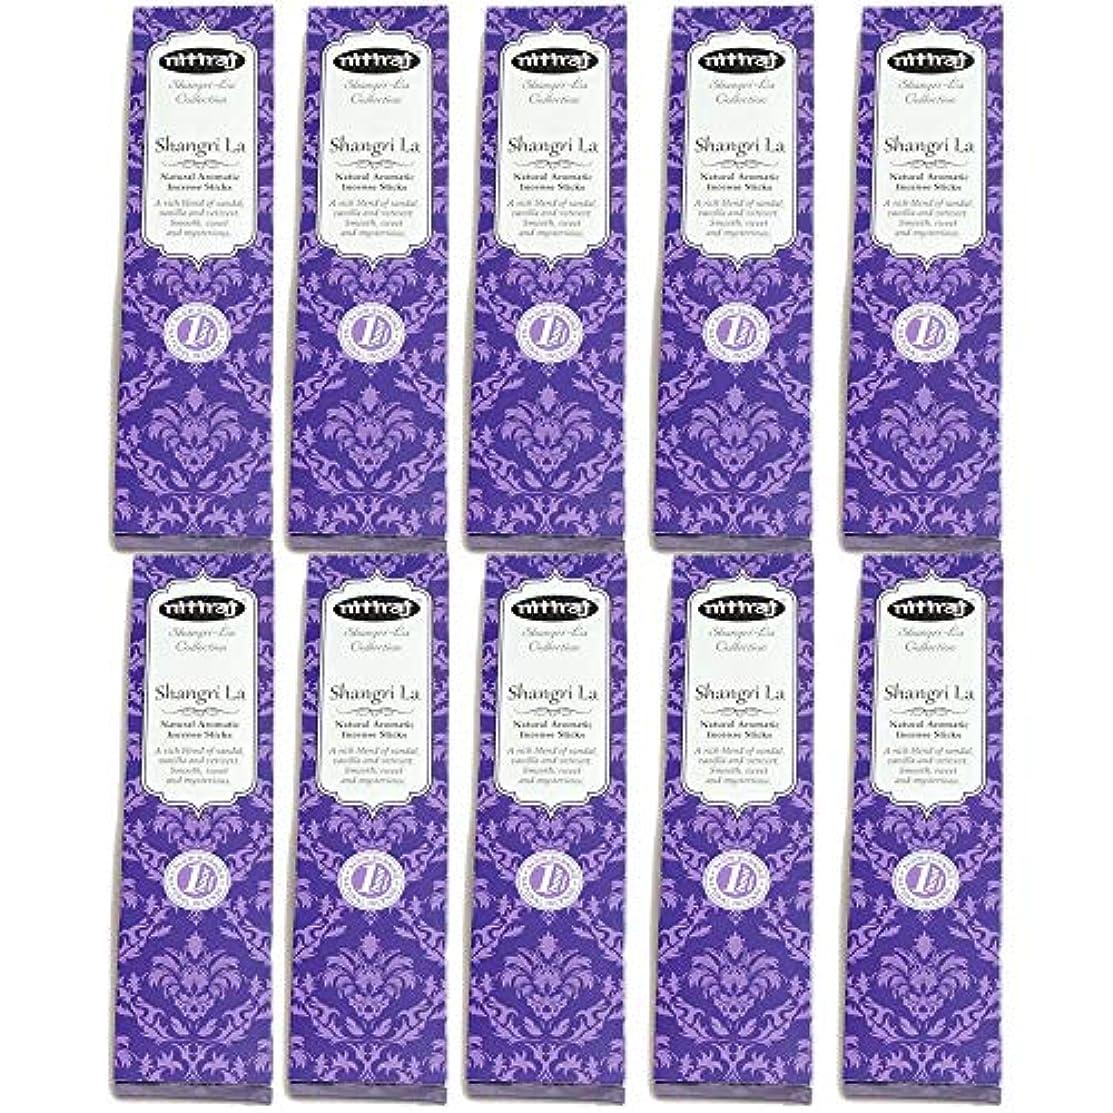 クリーナー克服する困惑したお香 アロマインセンス Nitiraj(ニティラジ)一番人気の香り シャングリ?ラ 10箱セット スティック型 天然素材のみ使用 正規輸入代理店